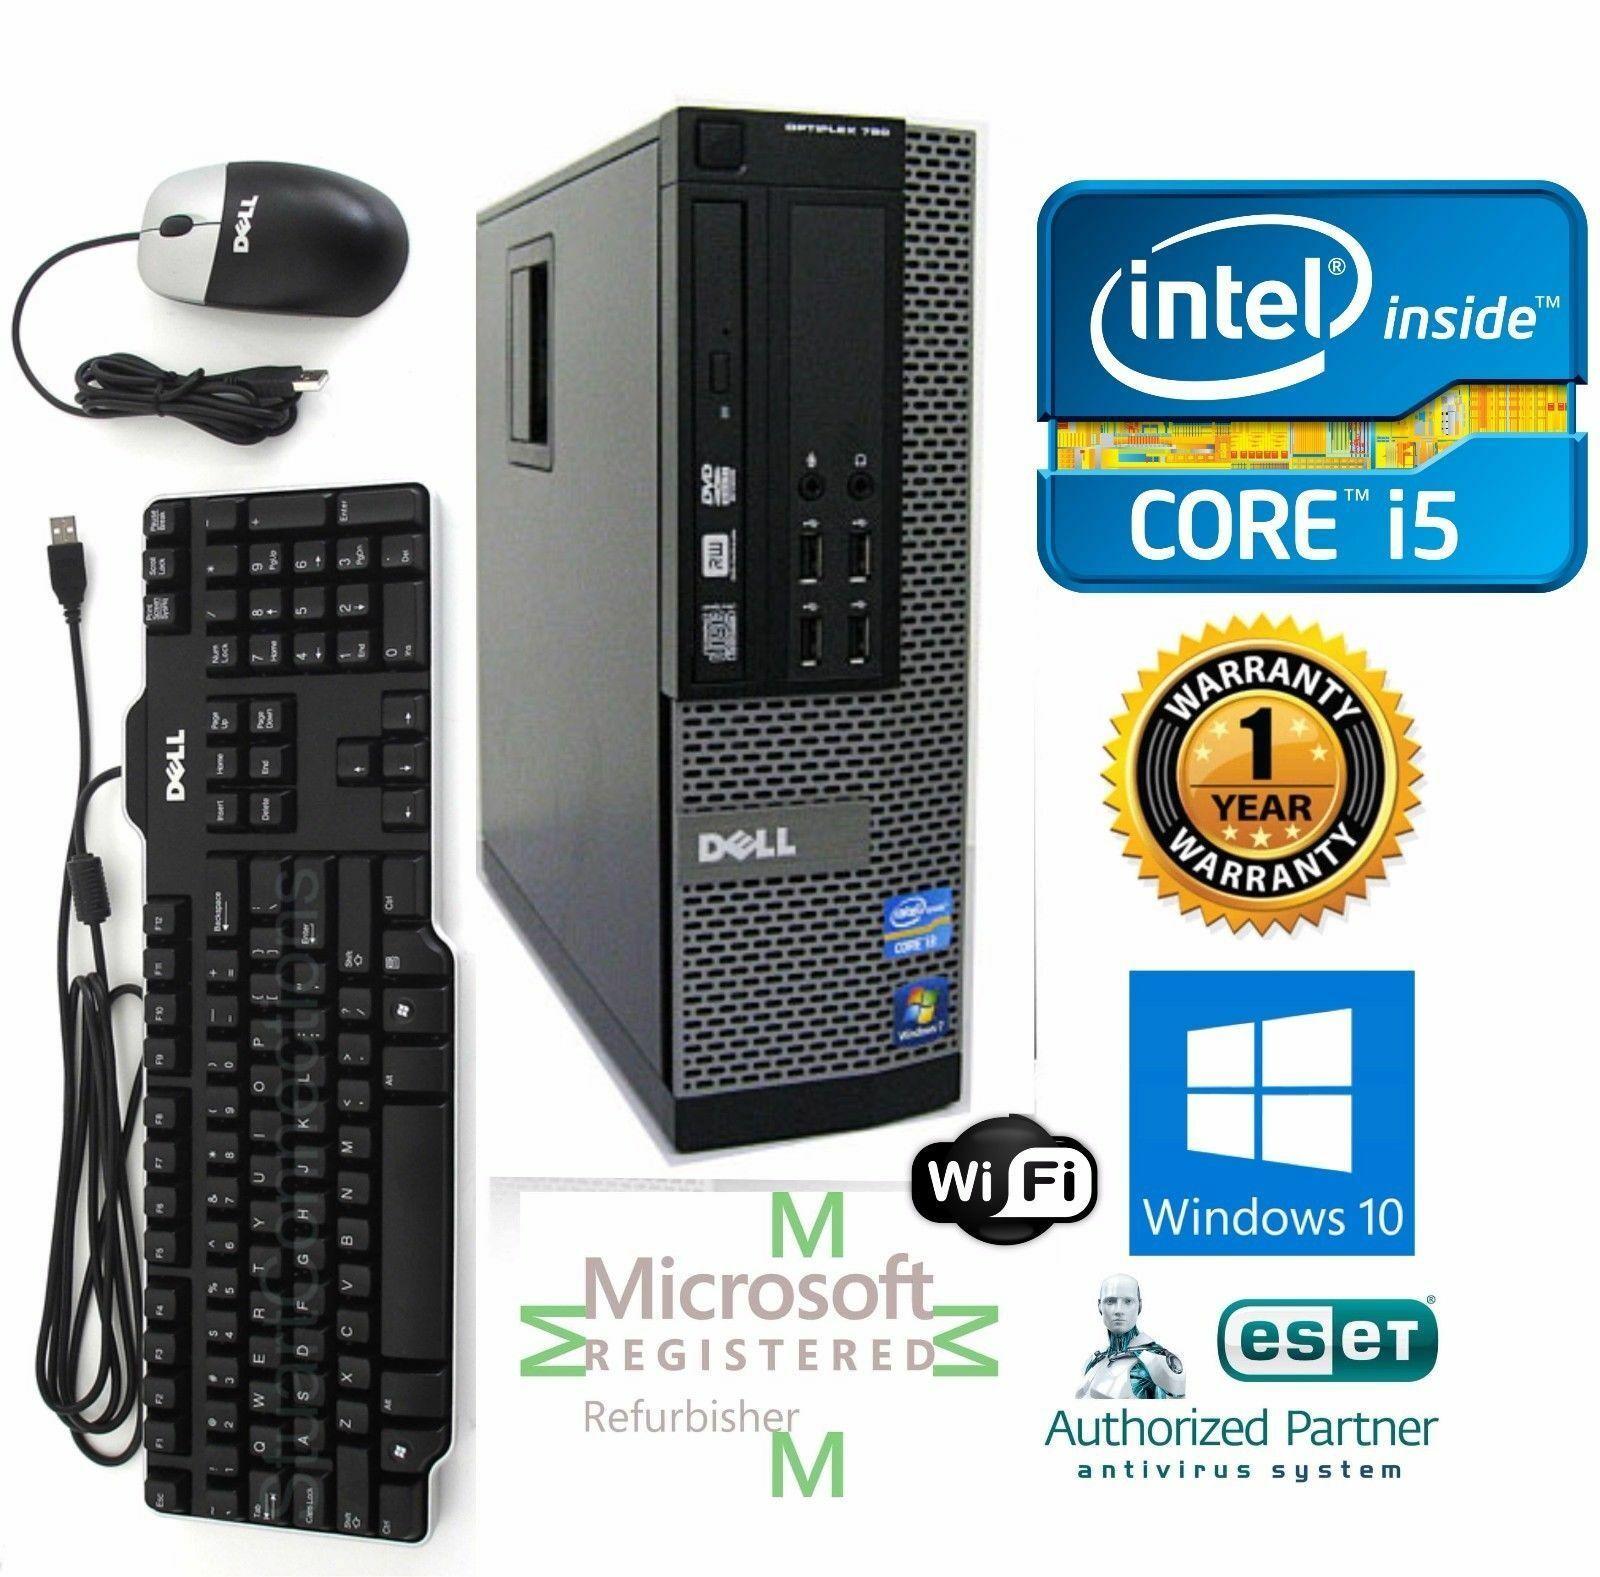 Lot 4 Dell Computer 7020 Core i5-4590 SFF PC 3.40Ghz 8GB 240GB SSD Win 10 Pro 64 - $599.00